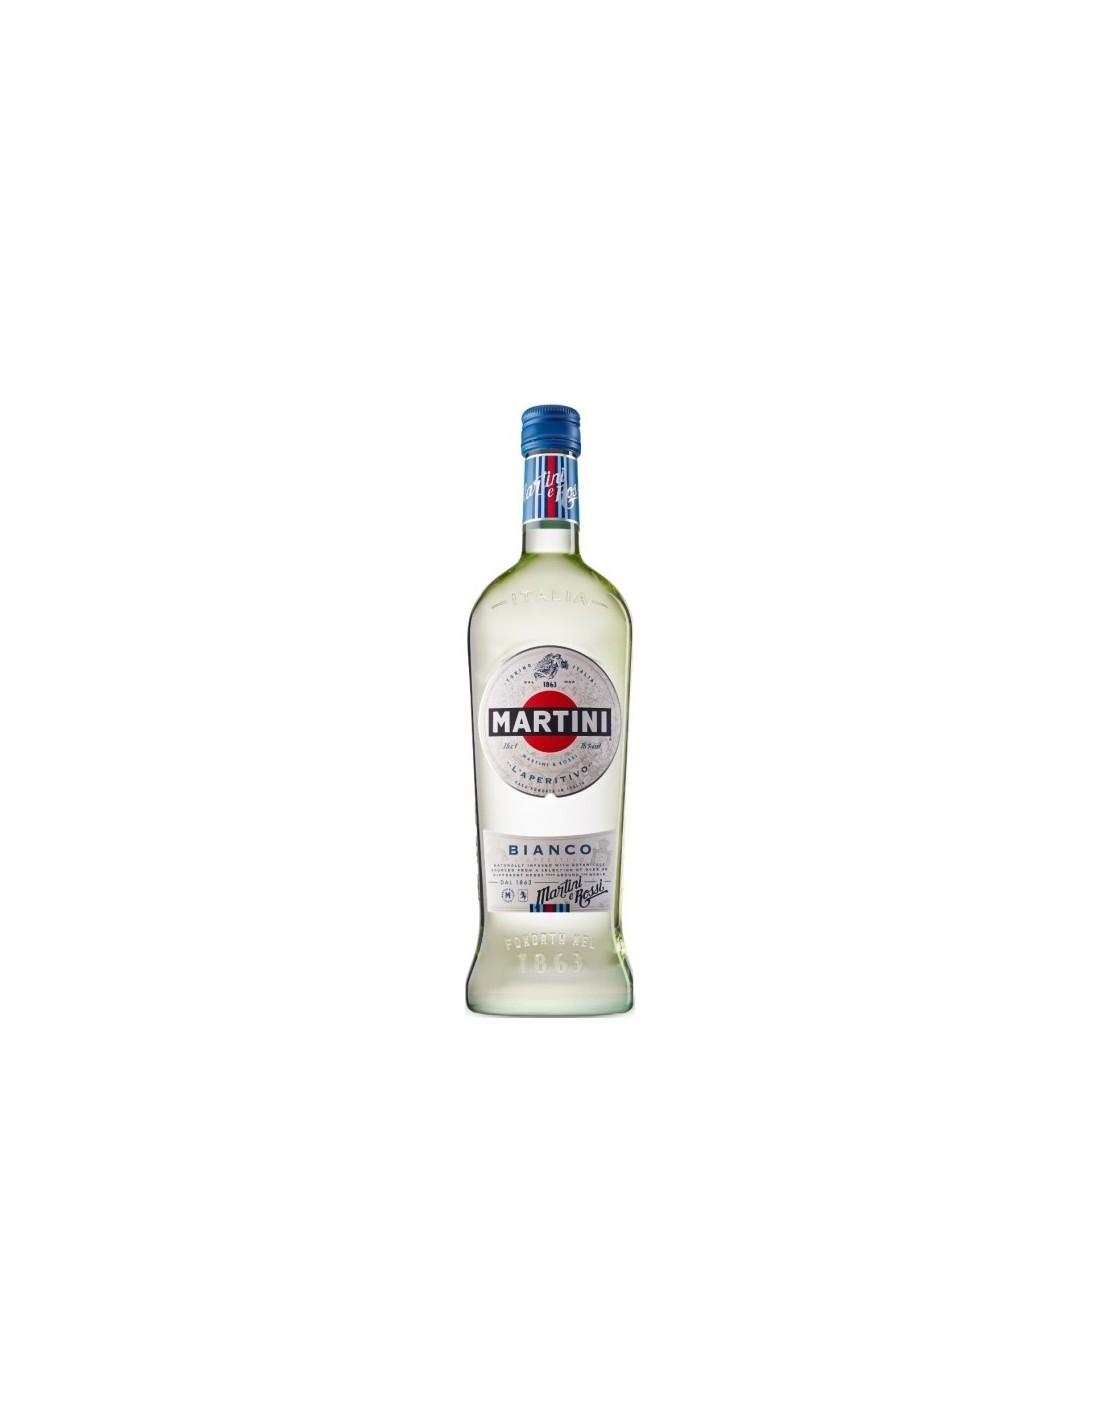 Aperitiv Martini, 15% alc., 1L, Italia